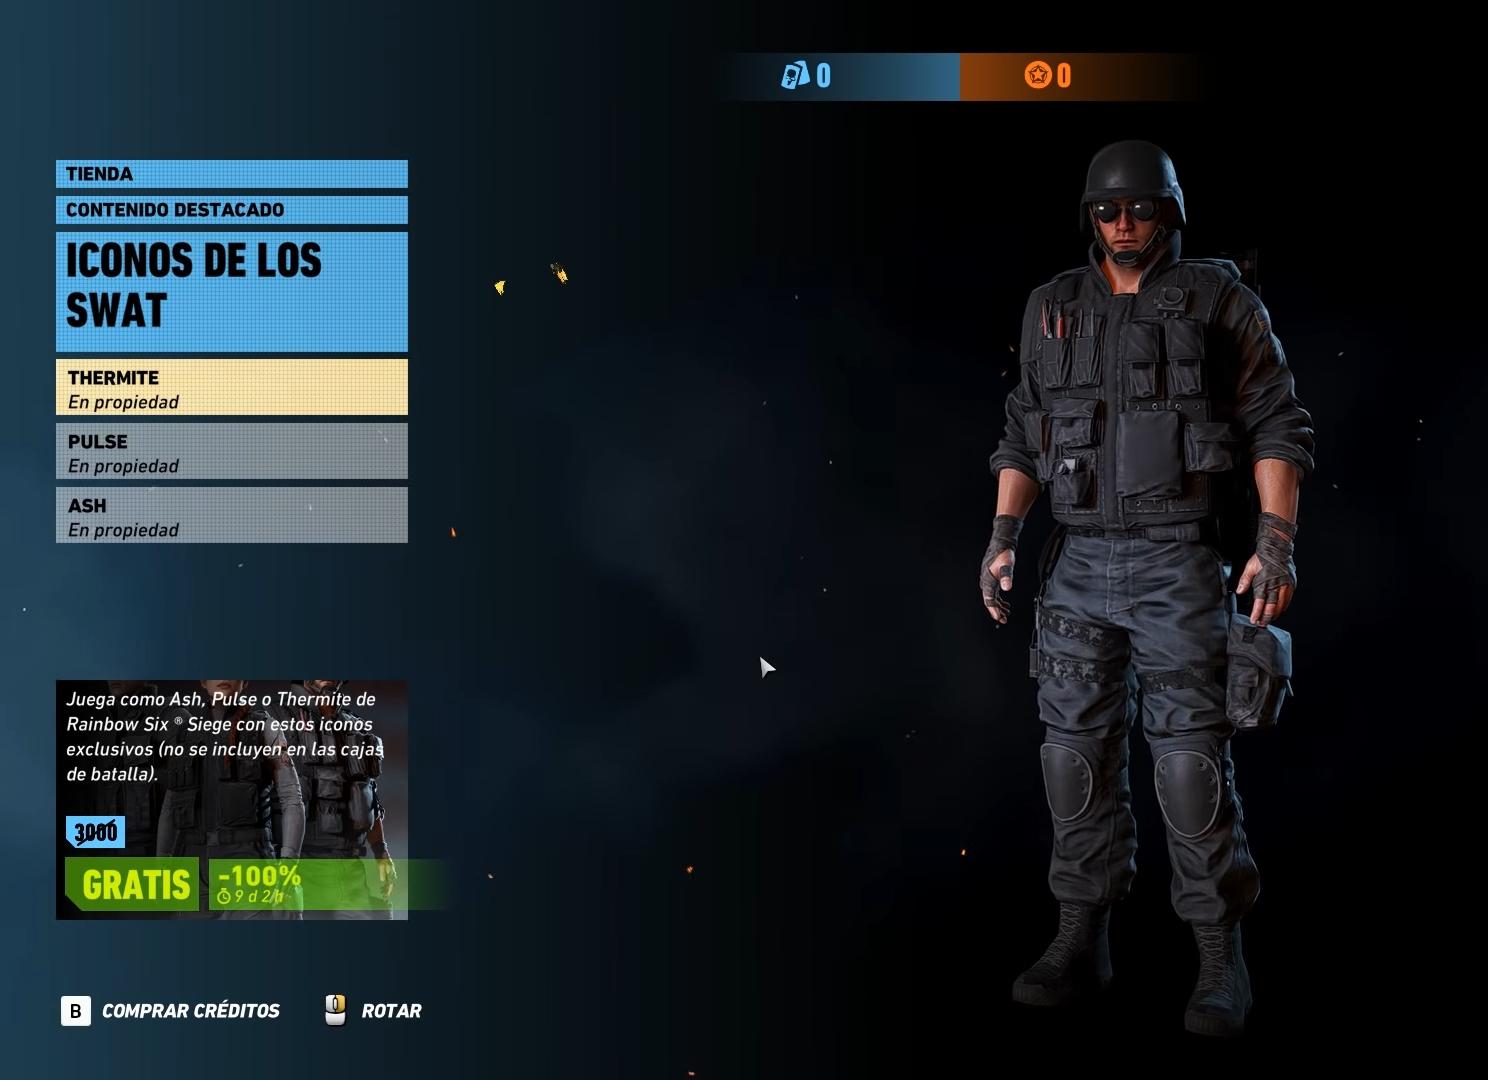 DLC gratuito ghost recon wildlands apariencias de agentes Rainbow six Siege